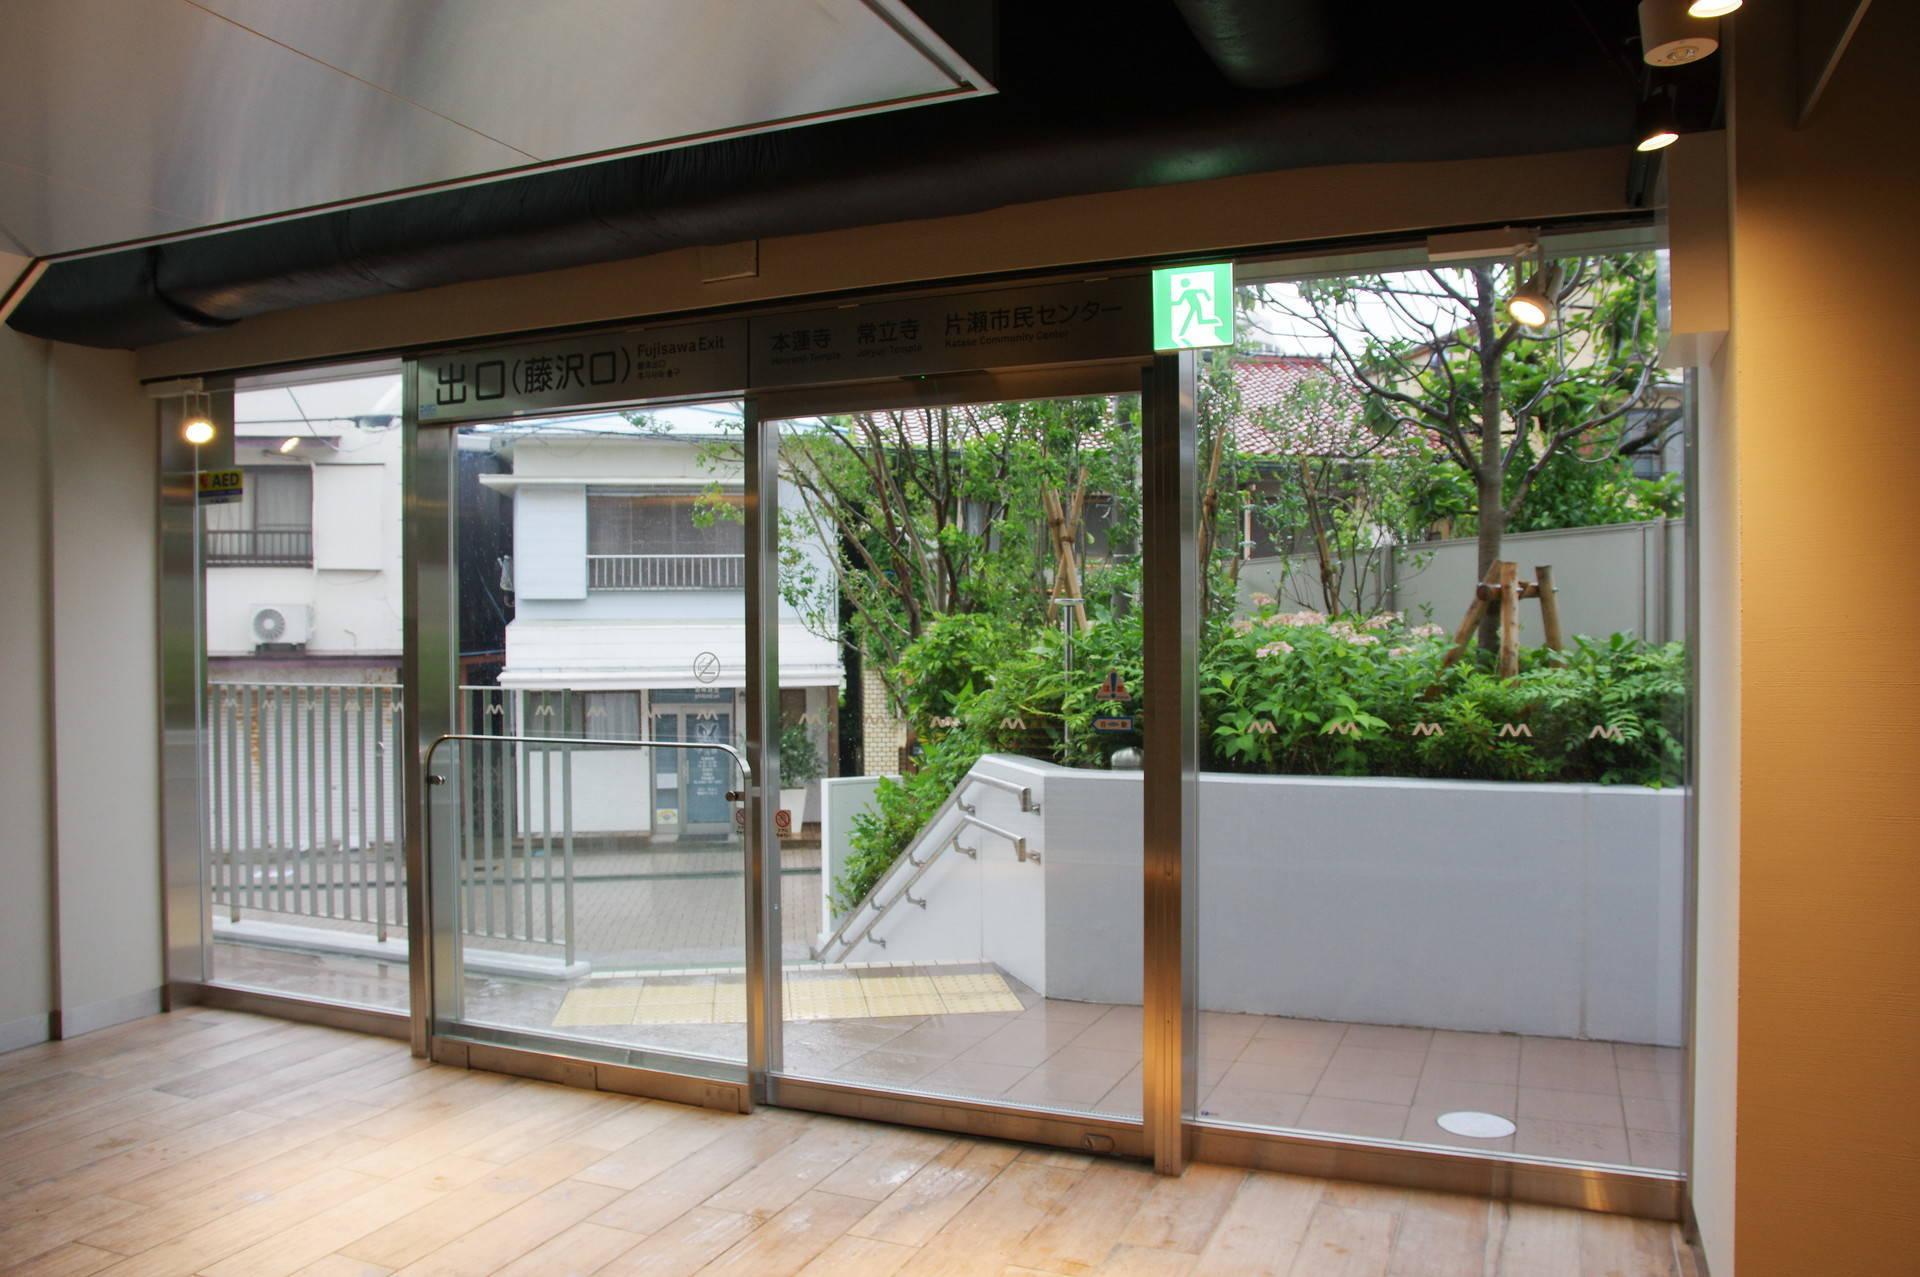 藤沢口のドア